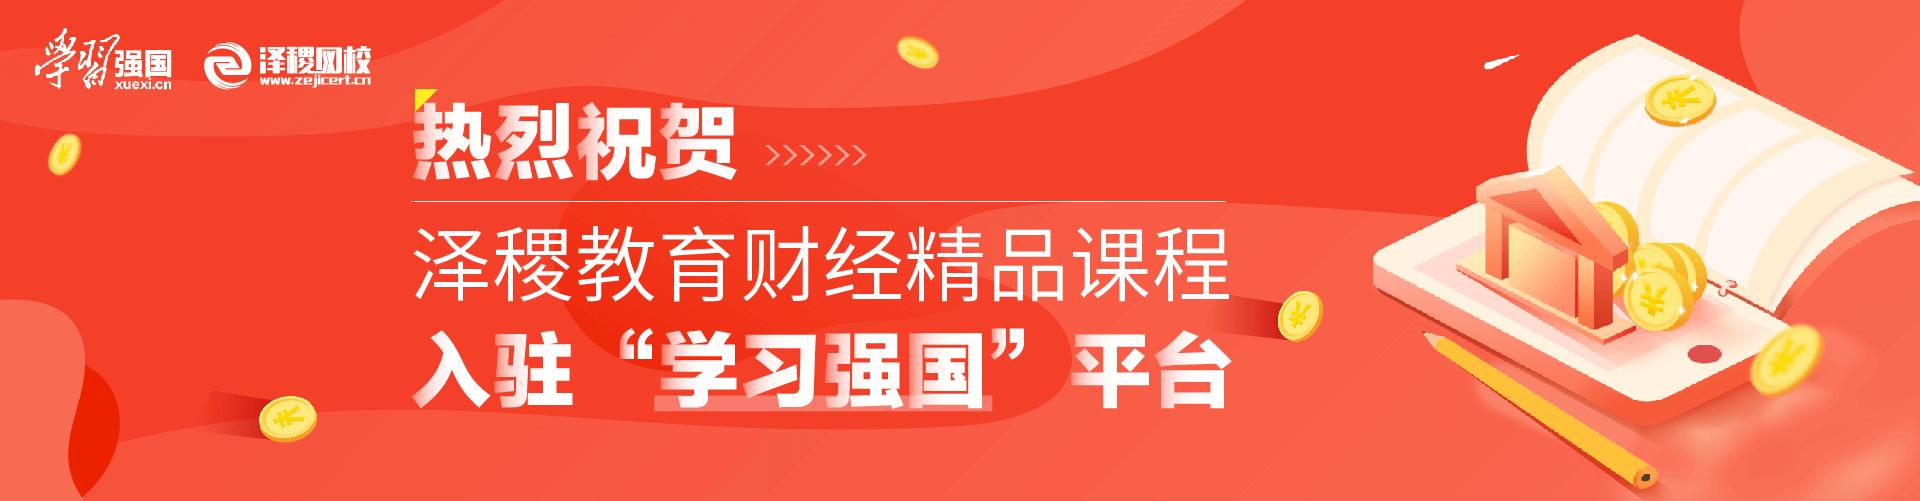 """热烈祝贺泽稷教育财经精品课程入驻""""学习强国""""平台"""